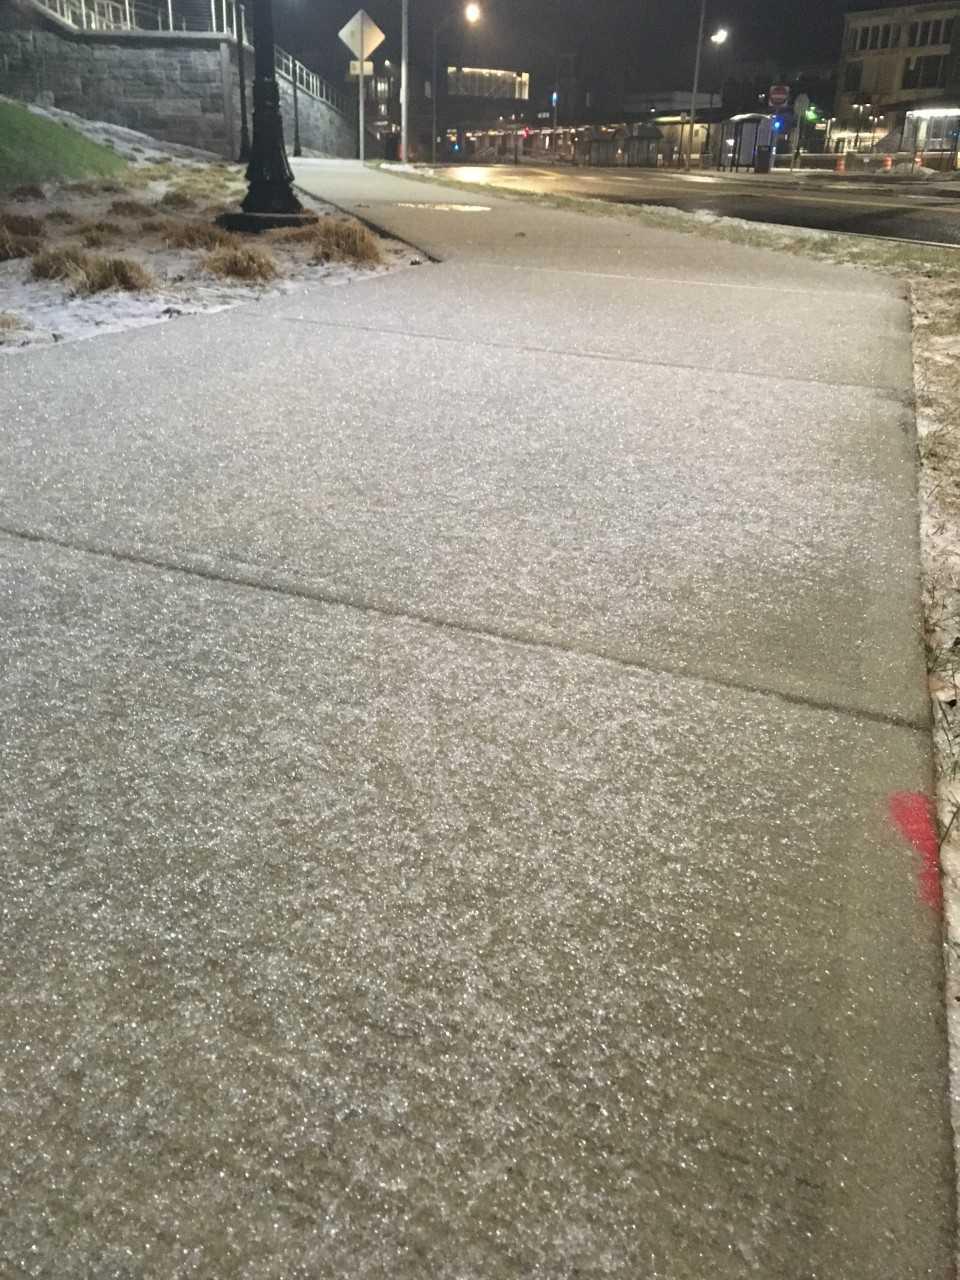 People must always be aware of their surroundings, like this icy sidewalk in Meriden. (WFSB)